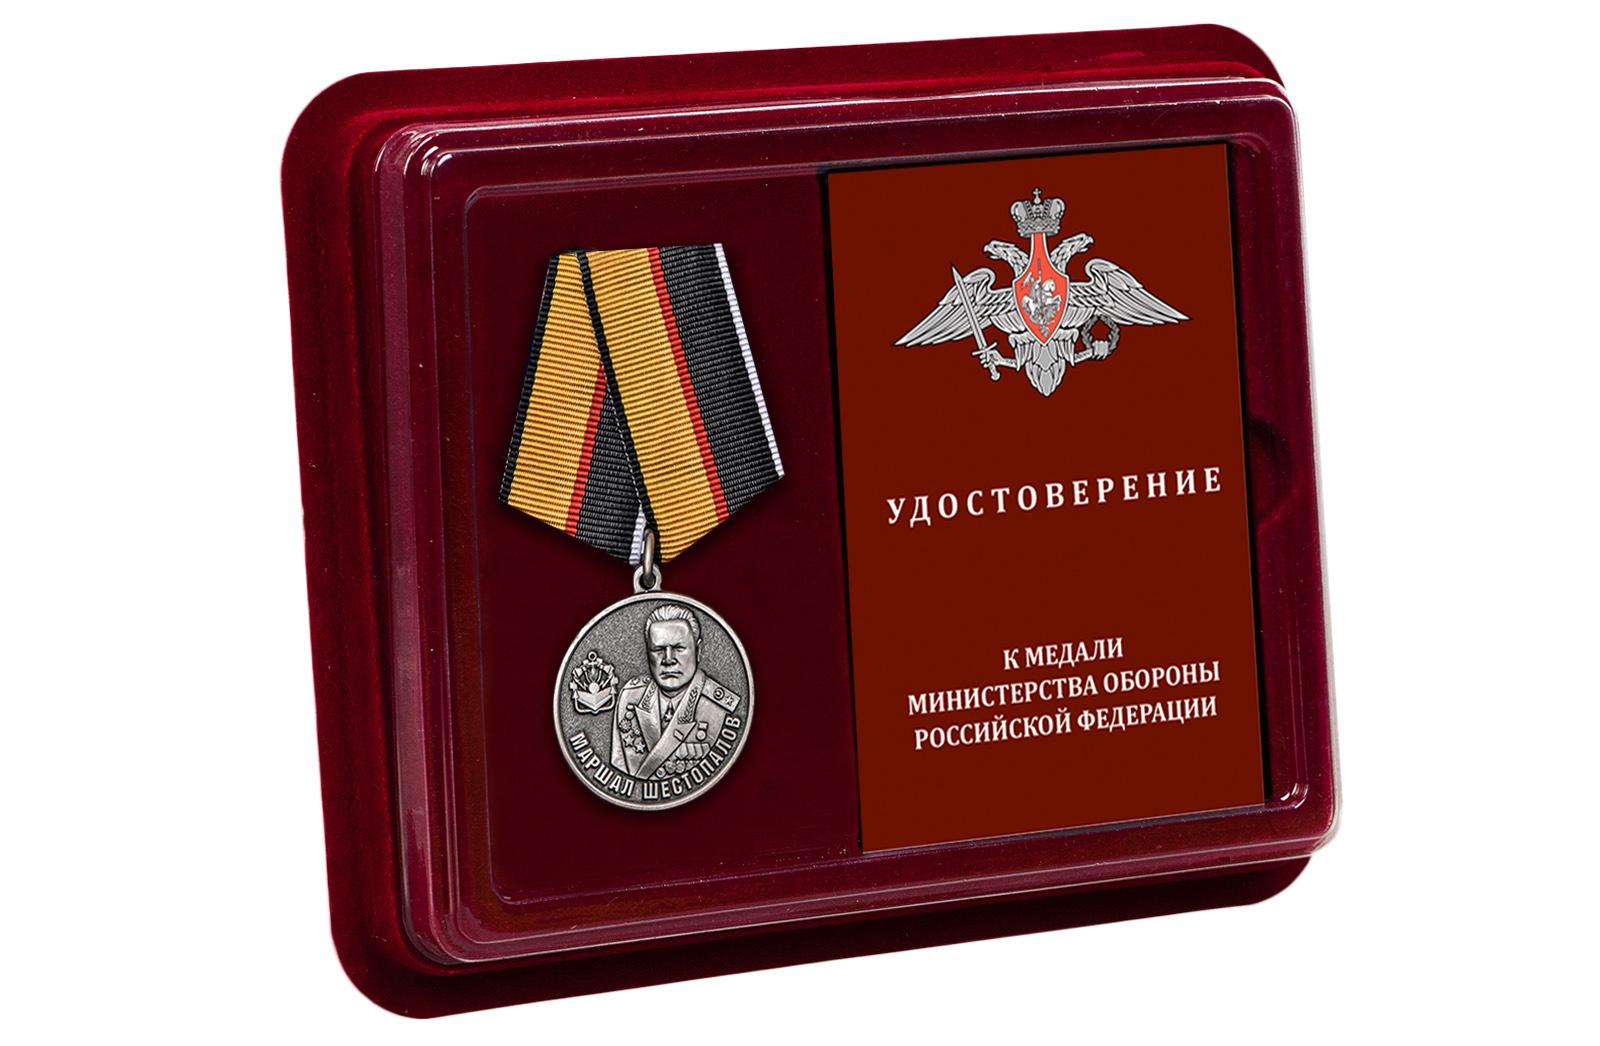 Памятная медаль Маршал Шестопалов МО РФ - в футляре